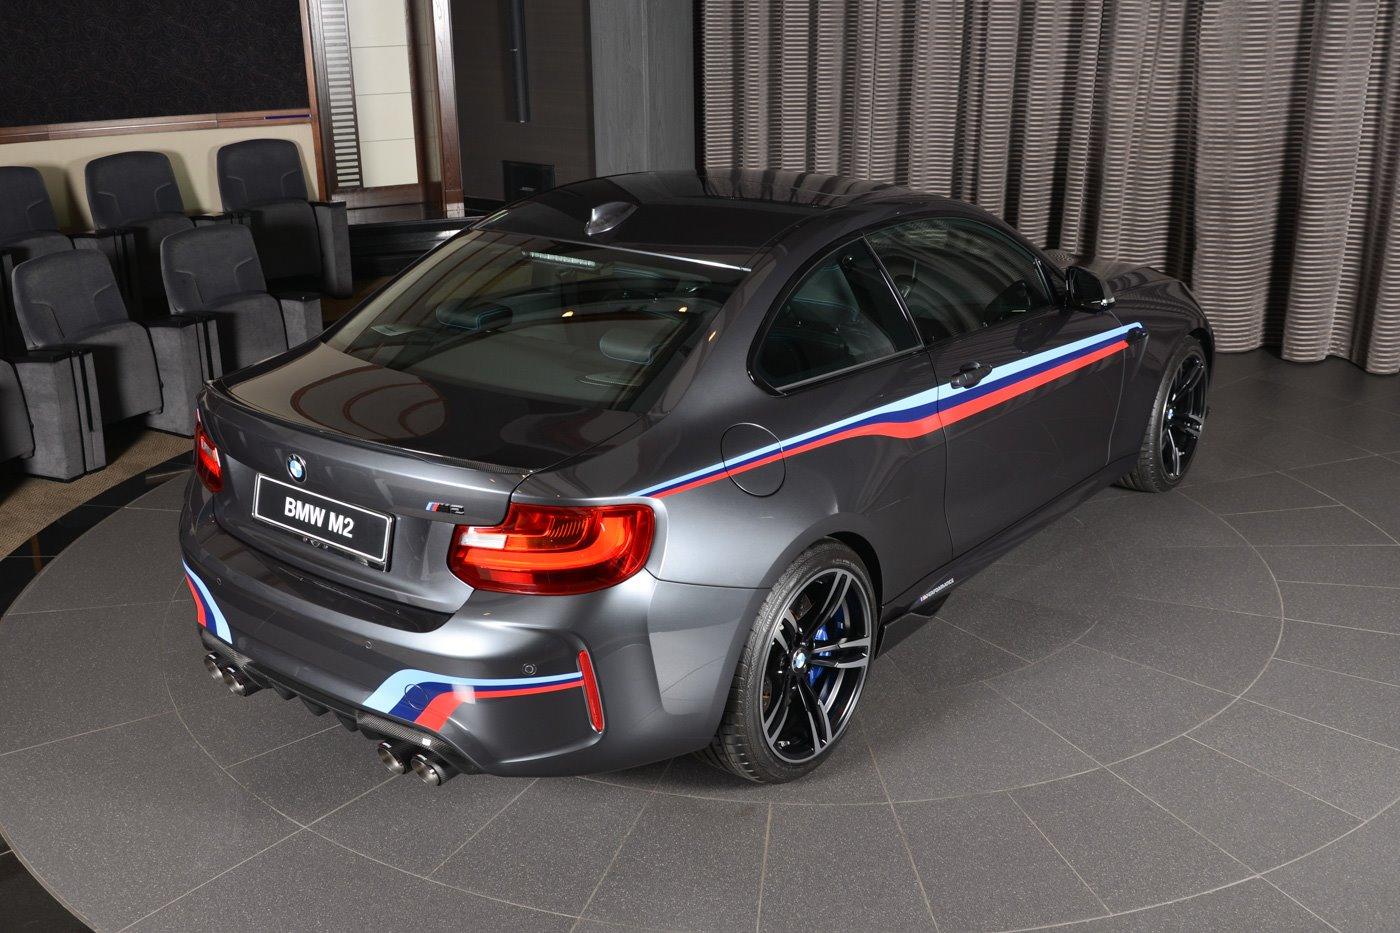 BMW_M2_Abu_Dhabi_11